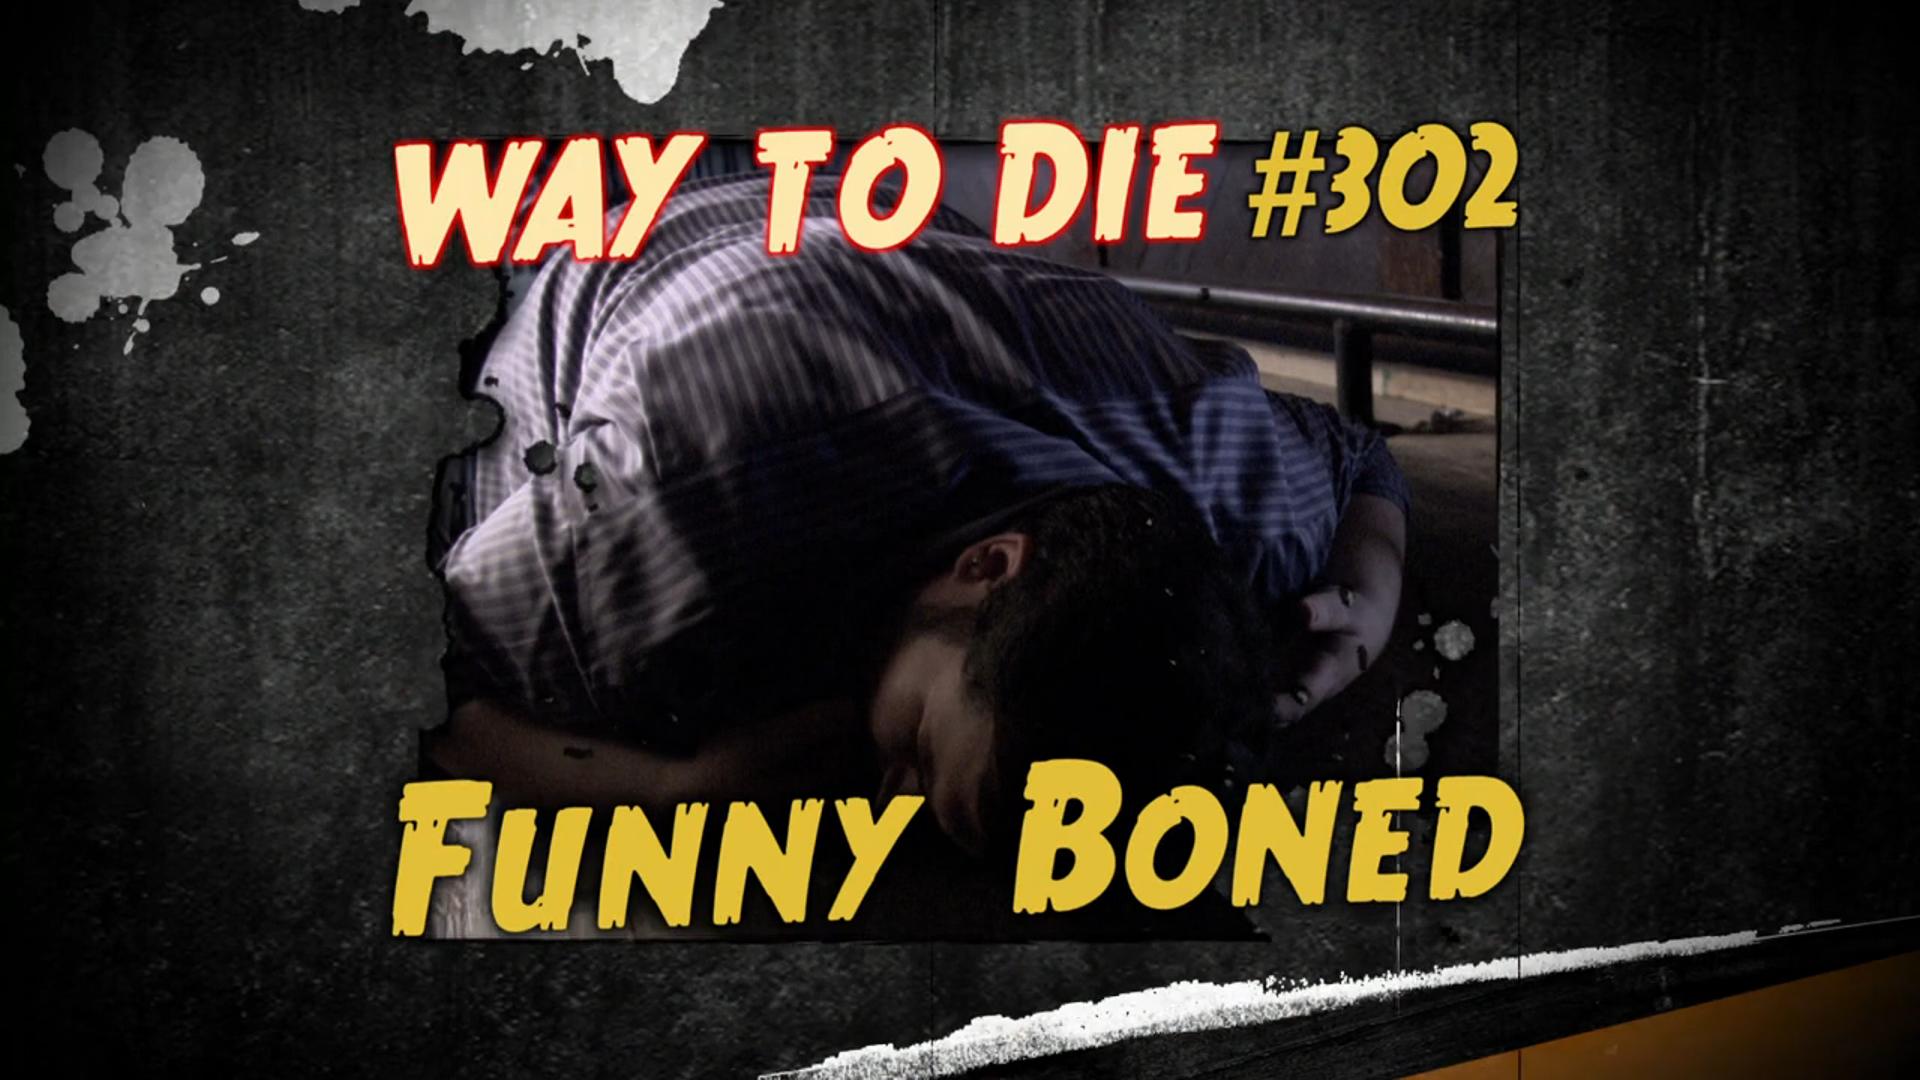 Funny Boned